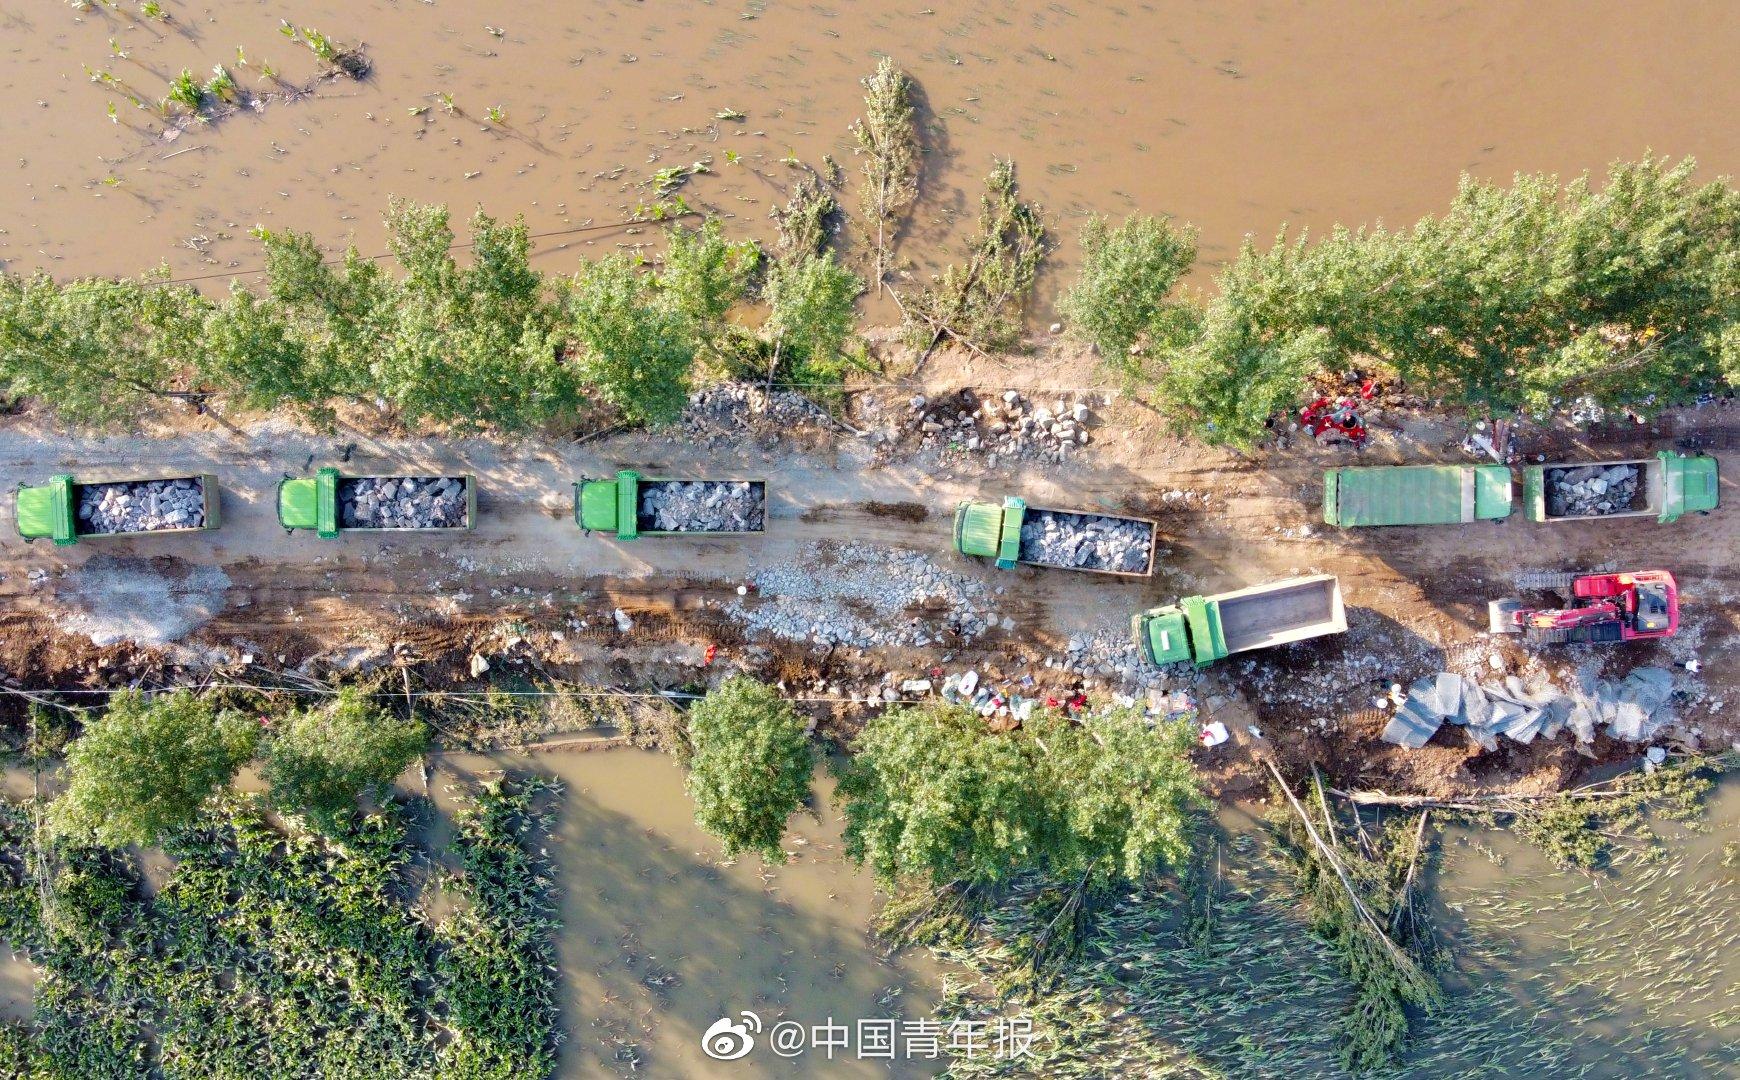 河南浚县新镇的卫河决堤口险情再次升级 本文图片均来自微博@中国青年报